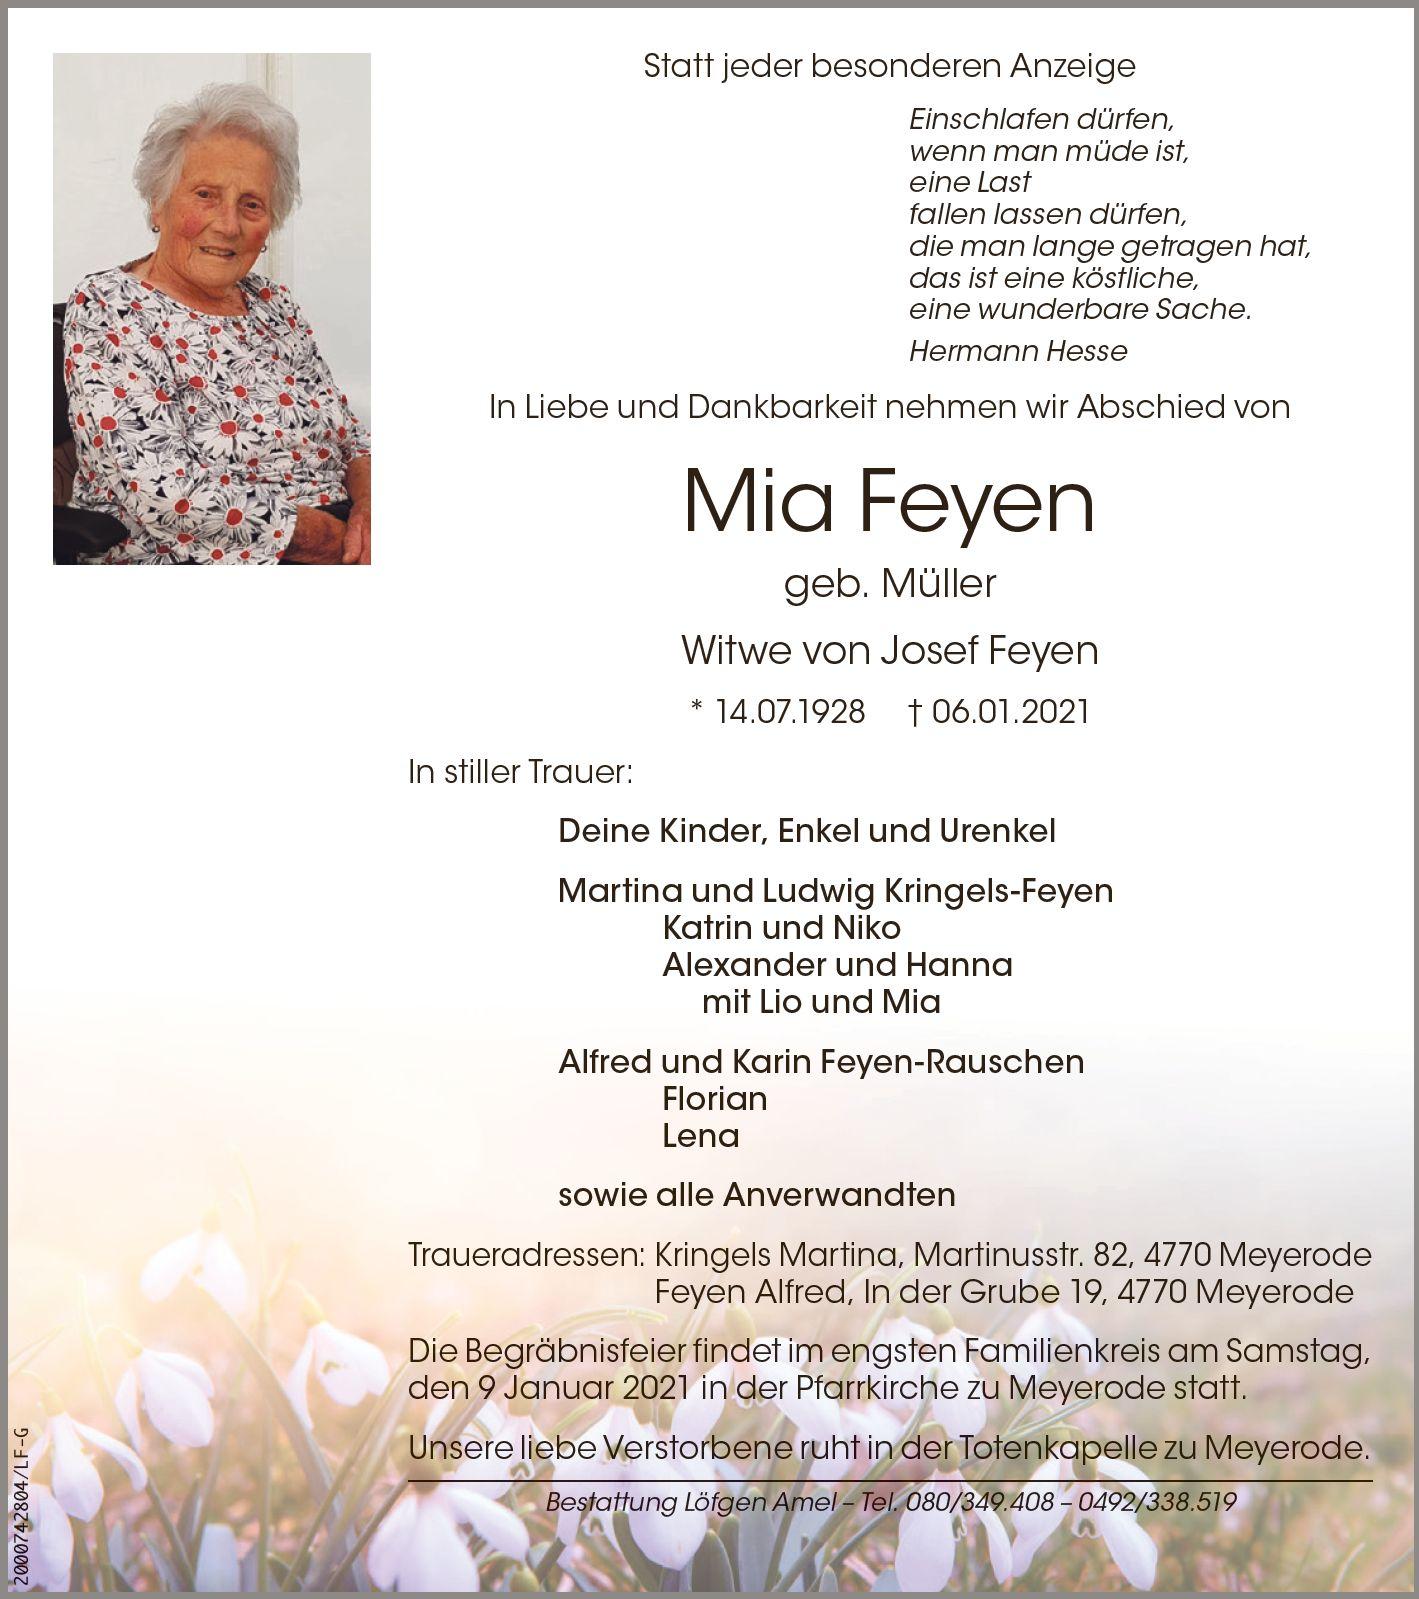 Mia Feyen